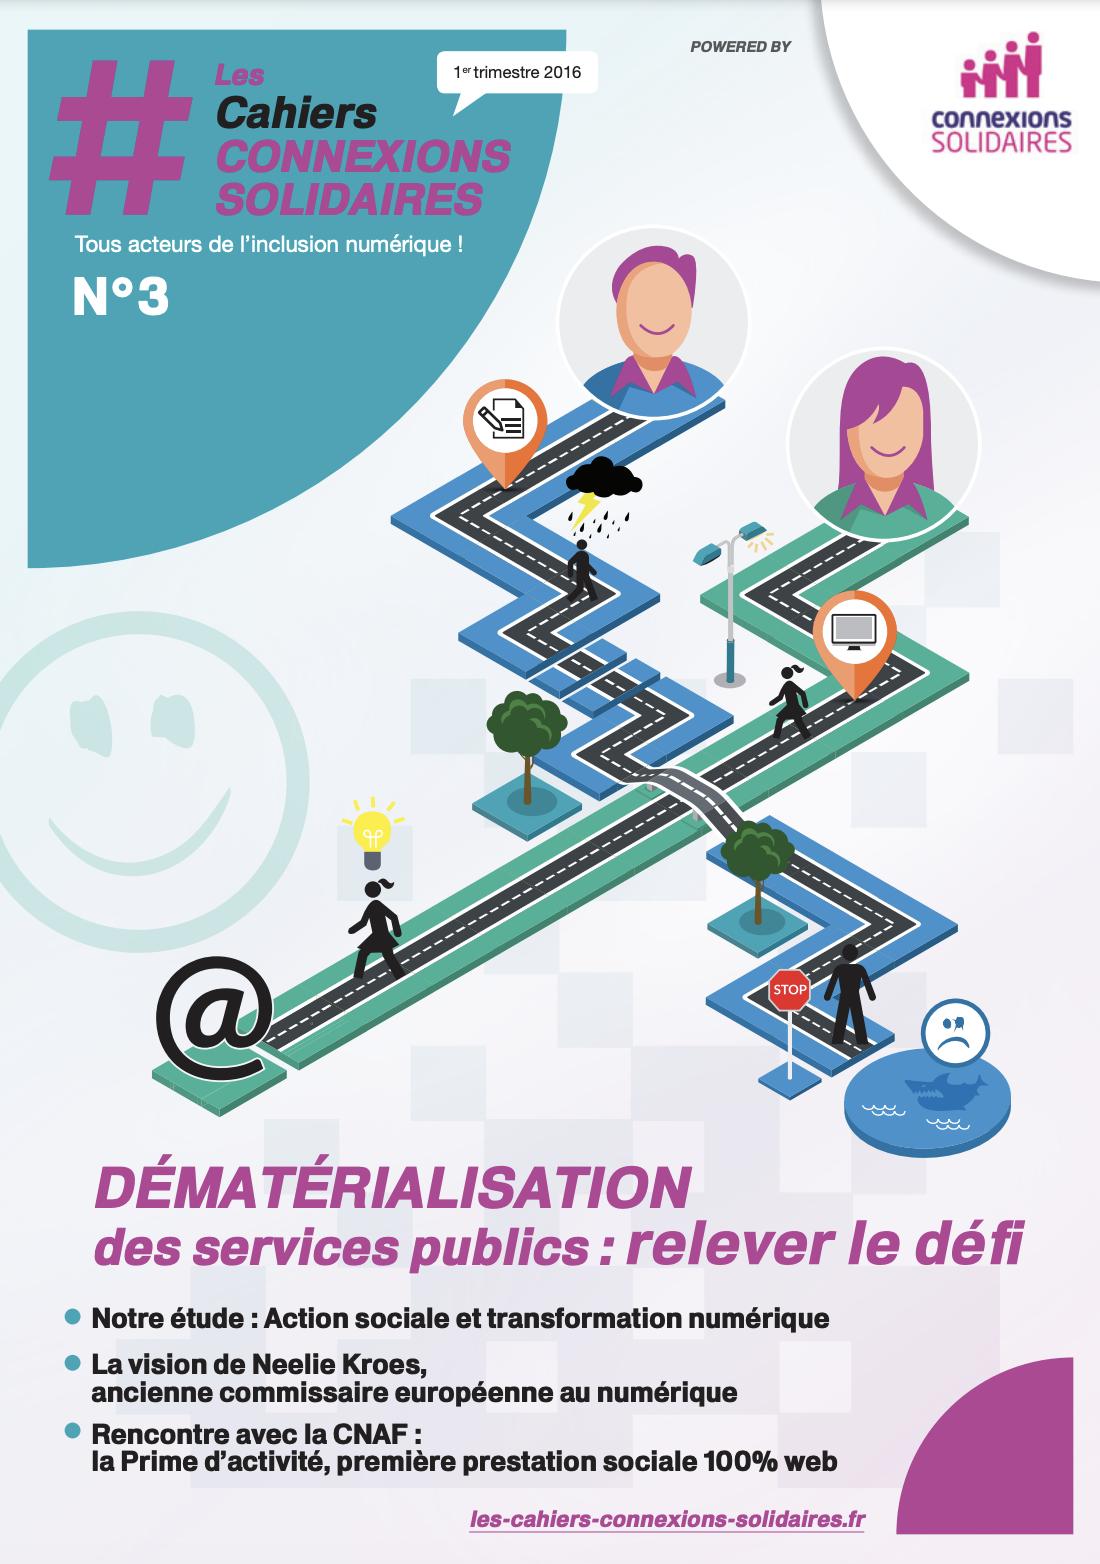 Dématérialisation des services publics : relever le défi